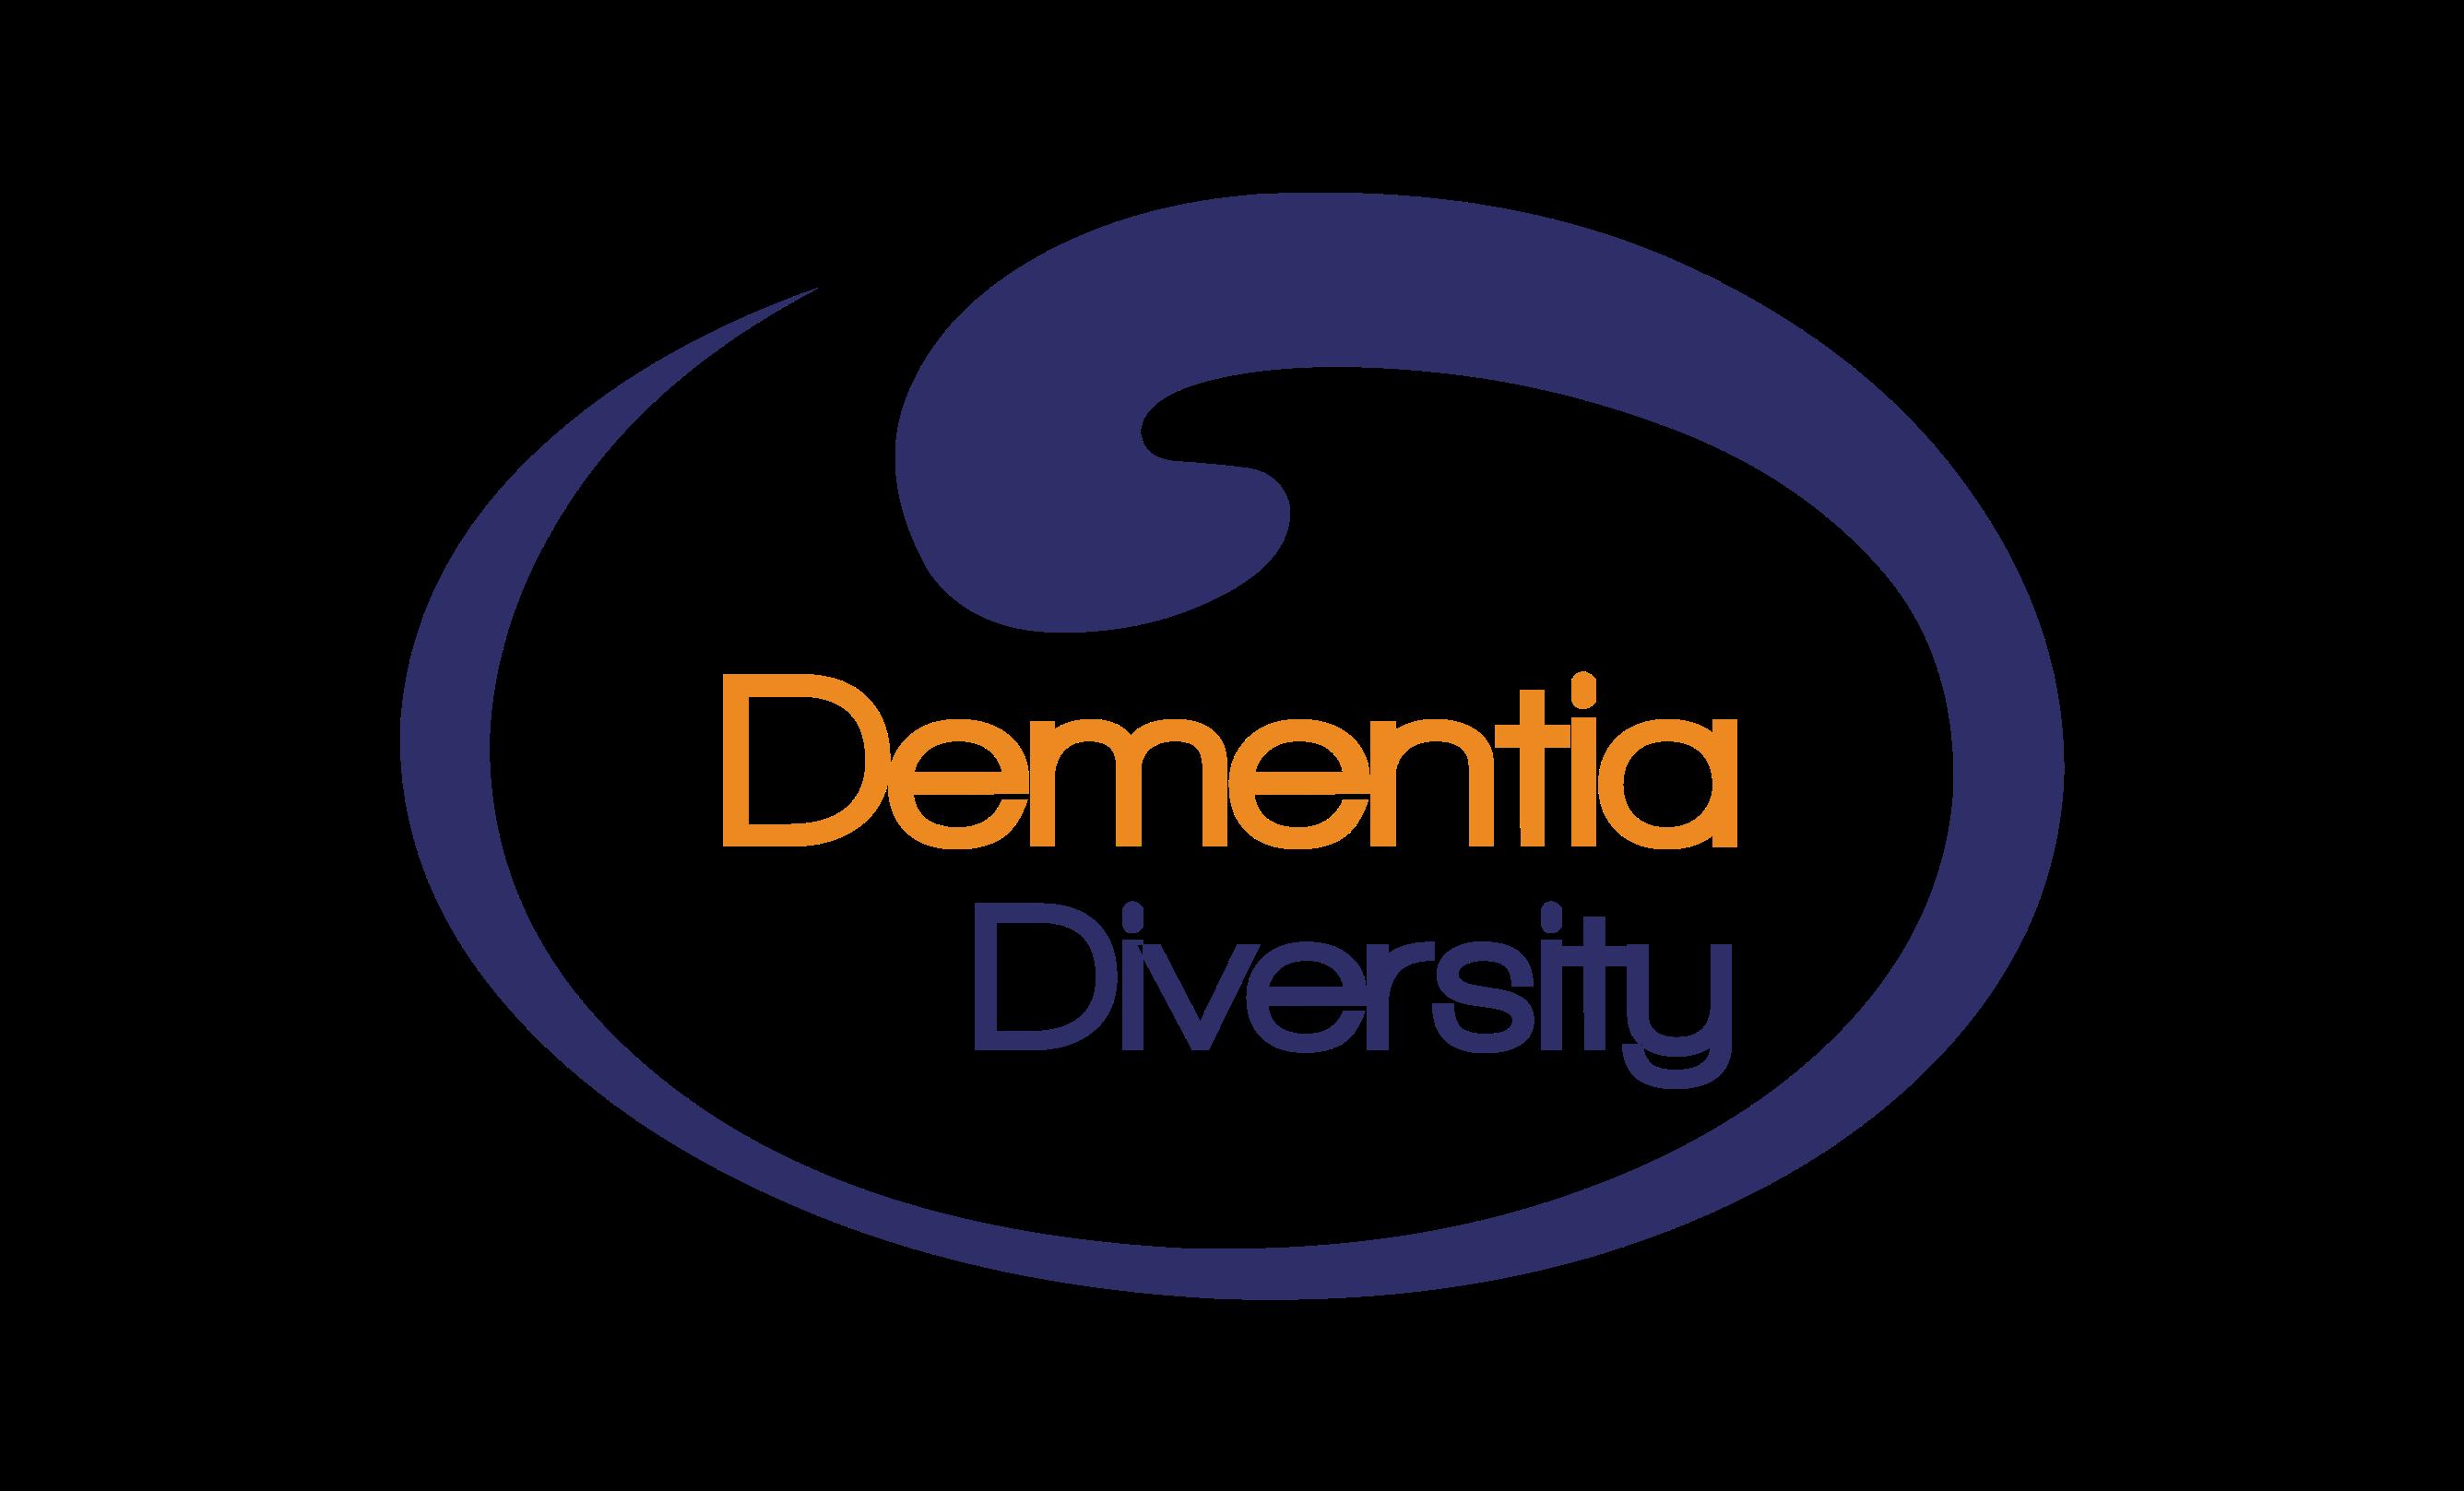 Dementia Diversity